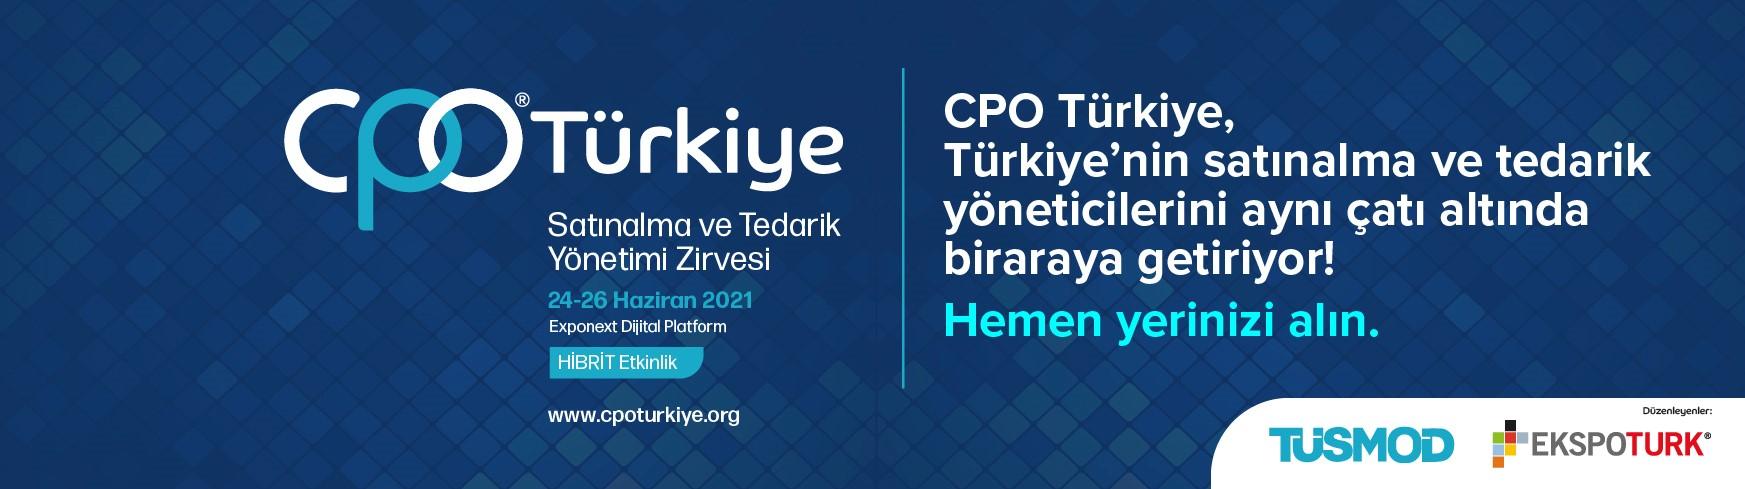 CPO Türkiye 2021